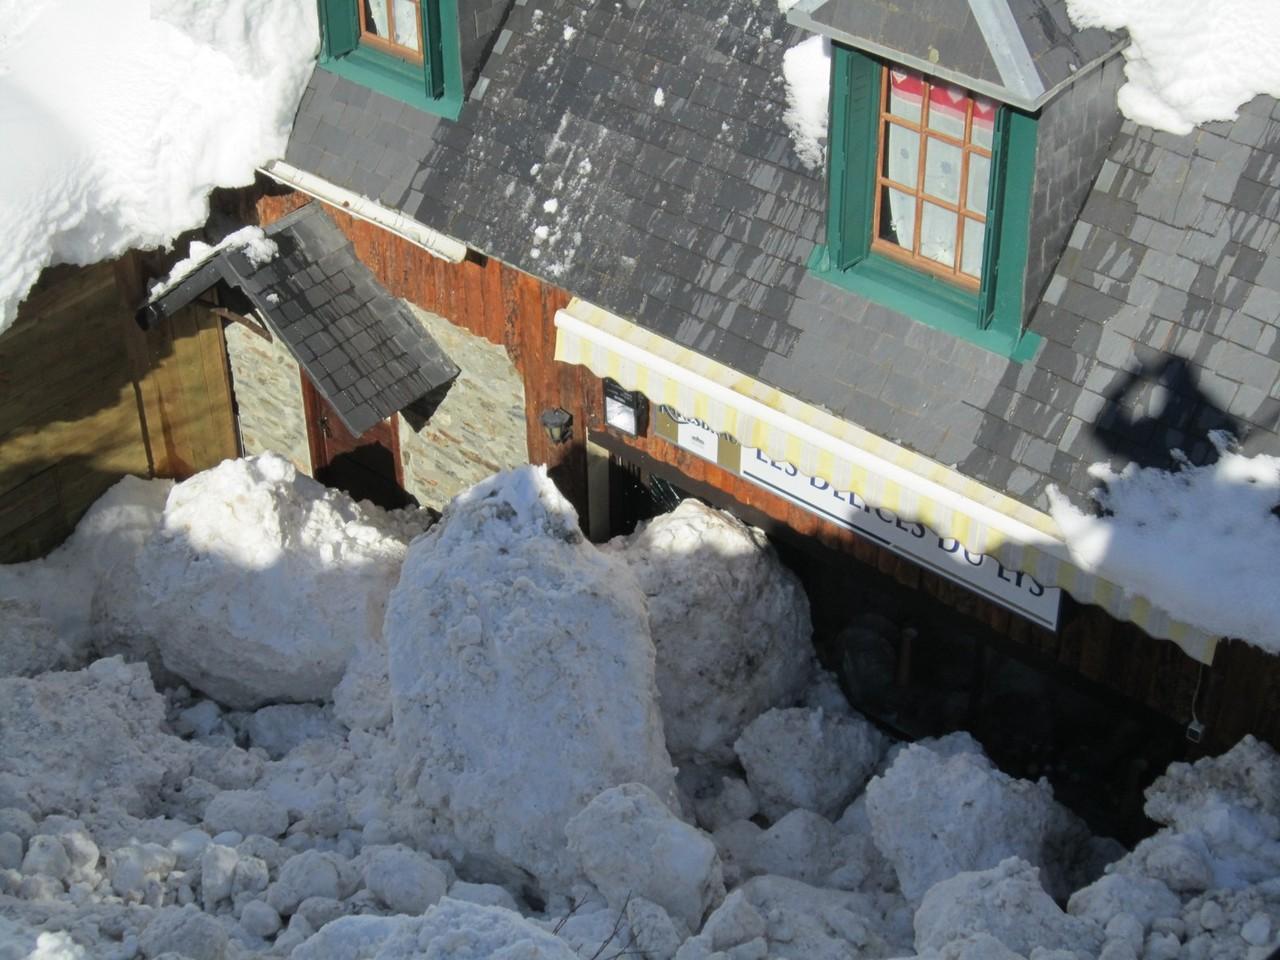 La coulée est constituée de gros blocs de neige © Mairie de Luchon